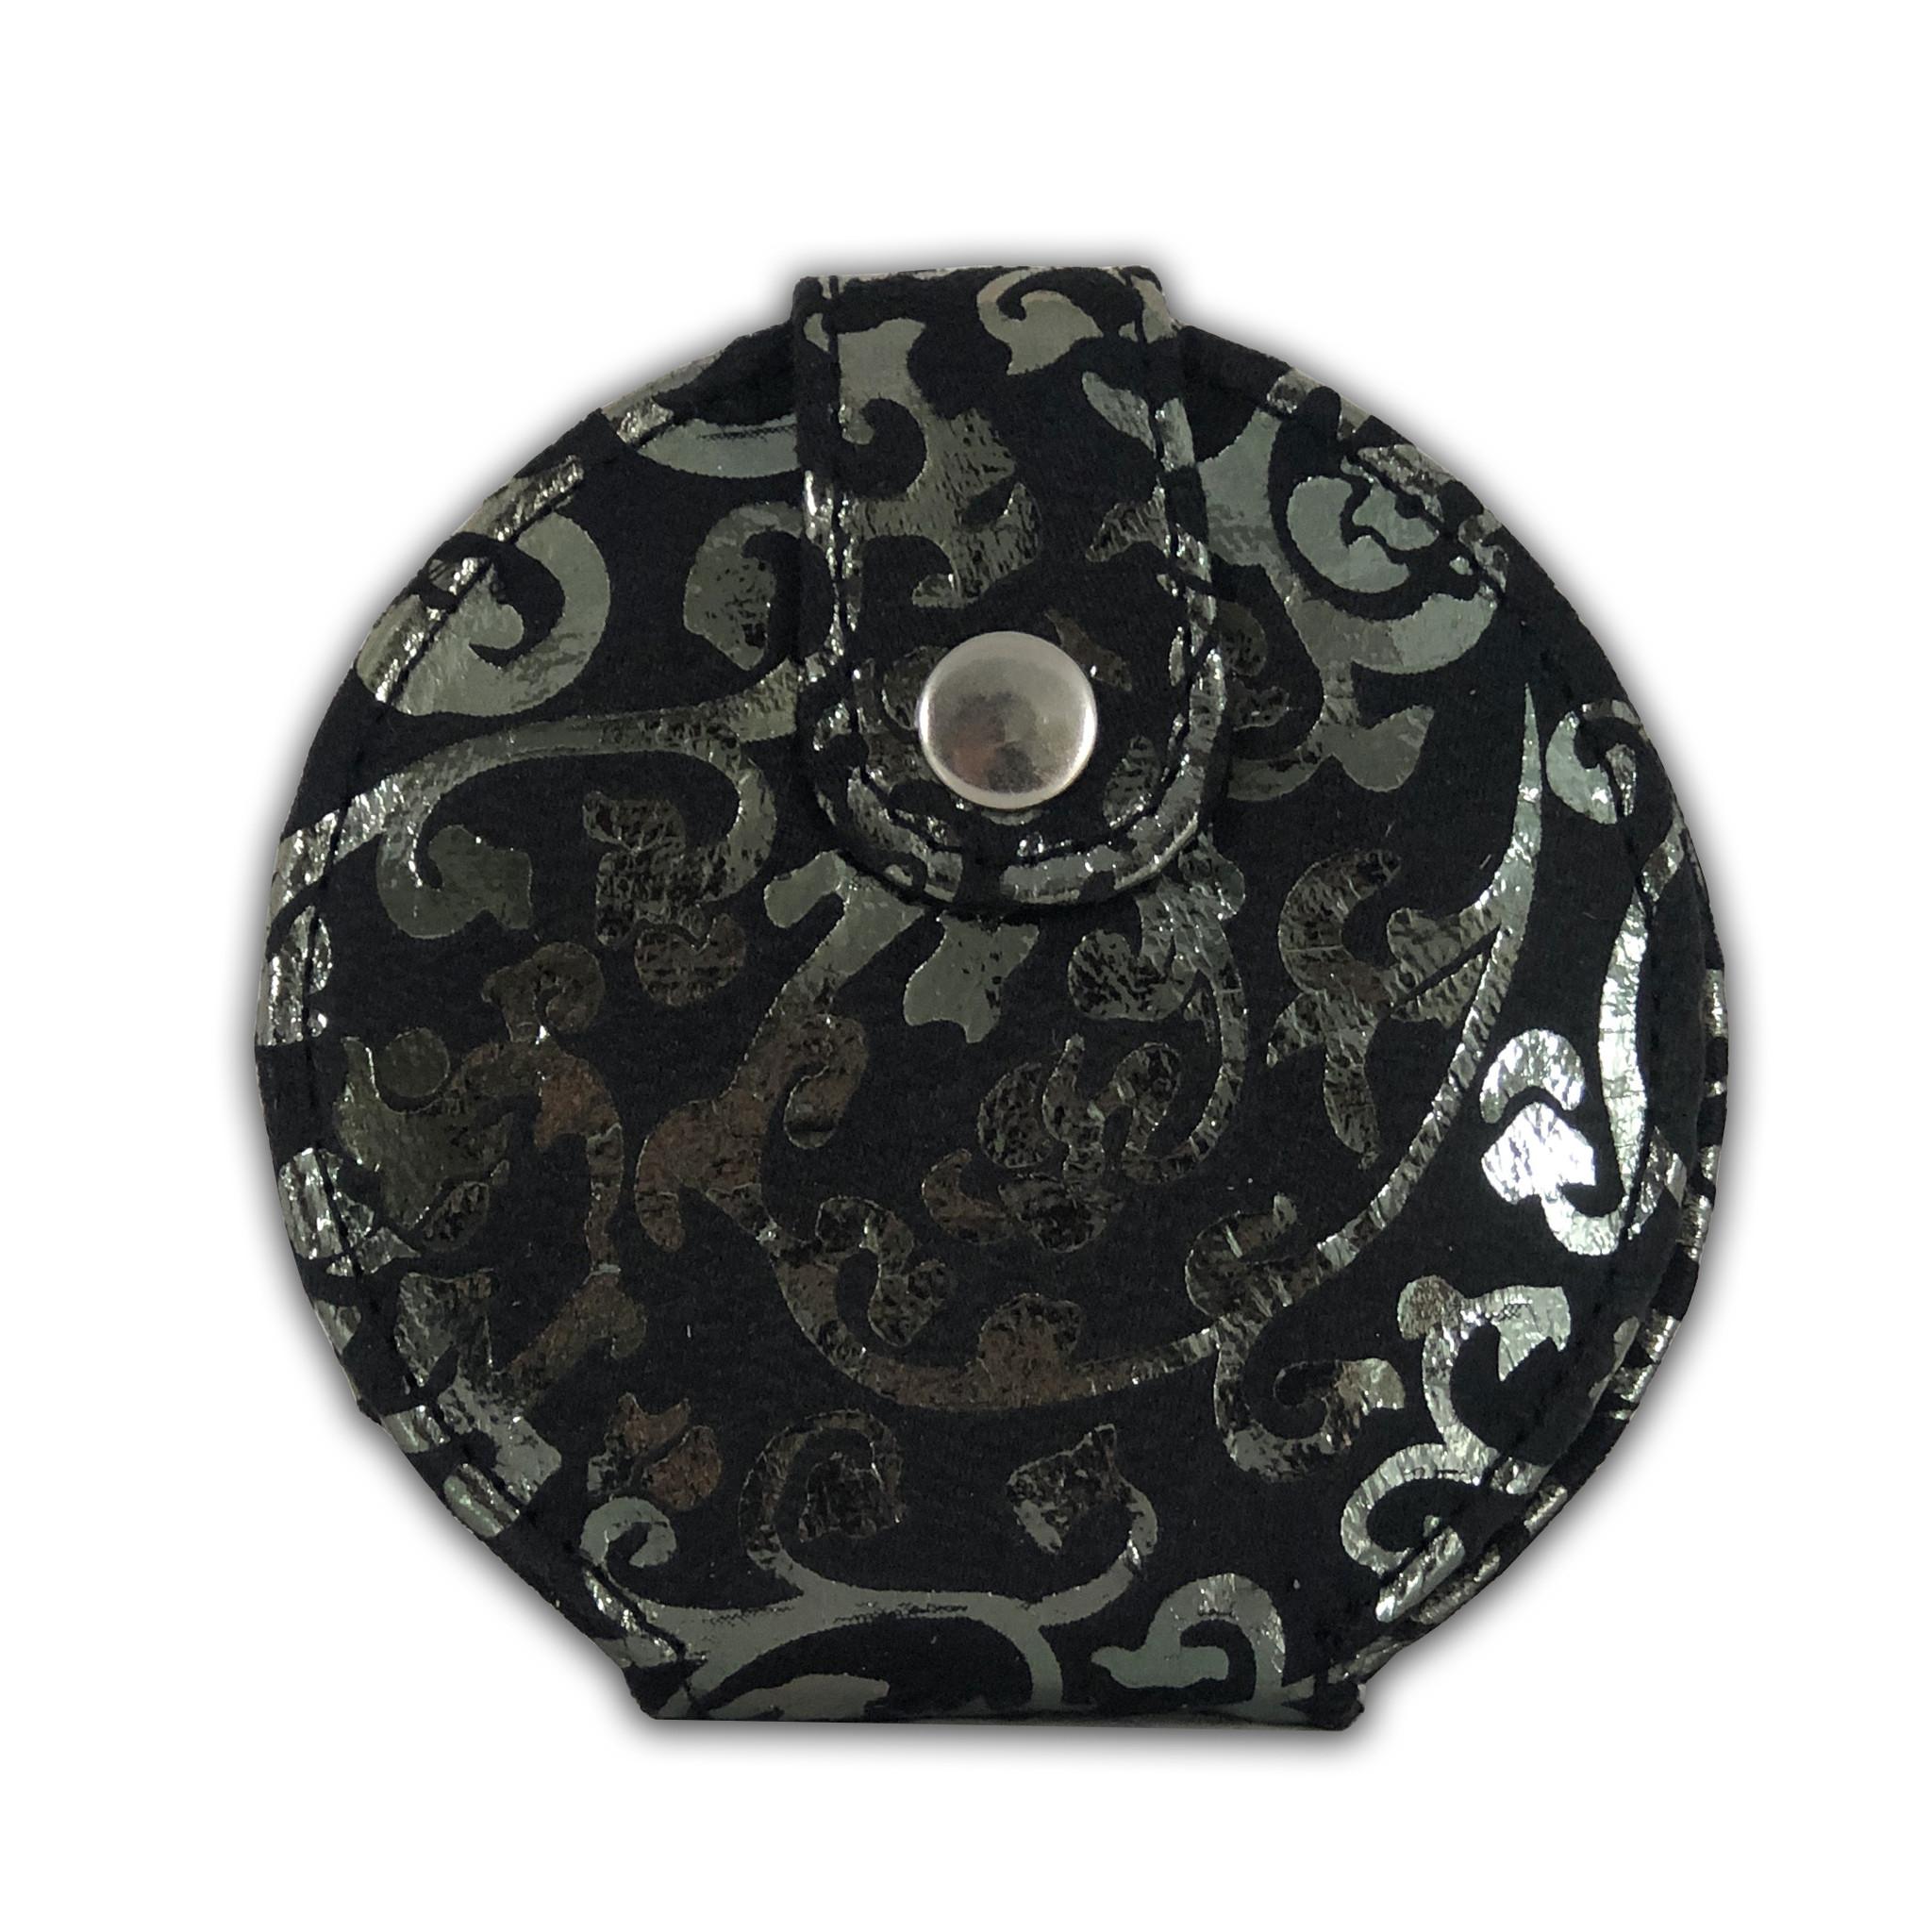 Tasspiegeltje Barrok Groen